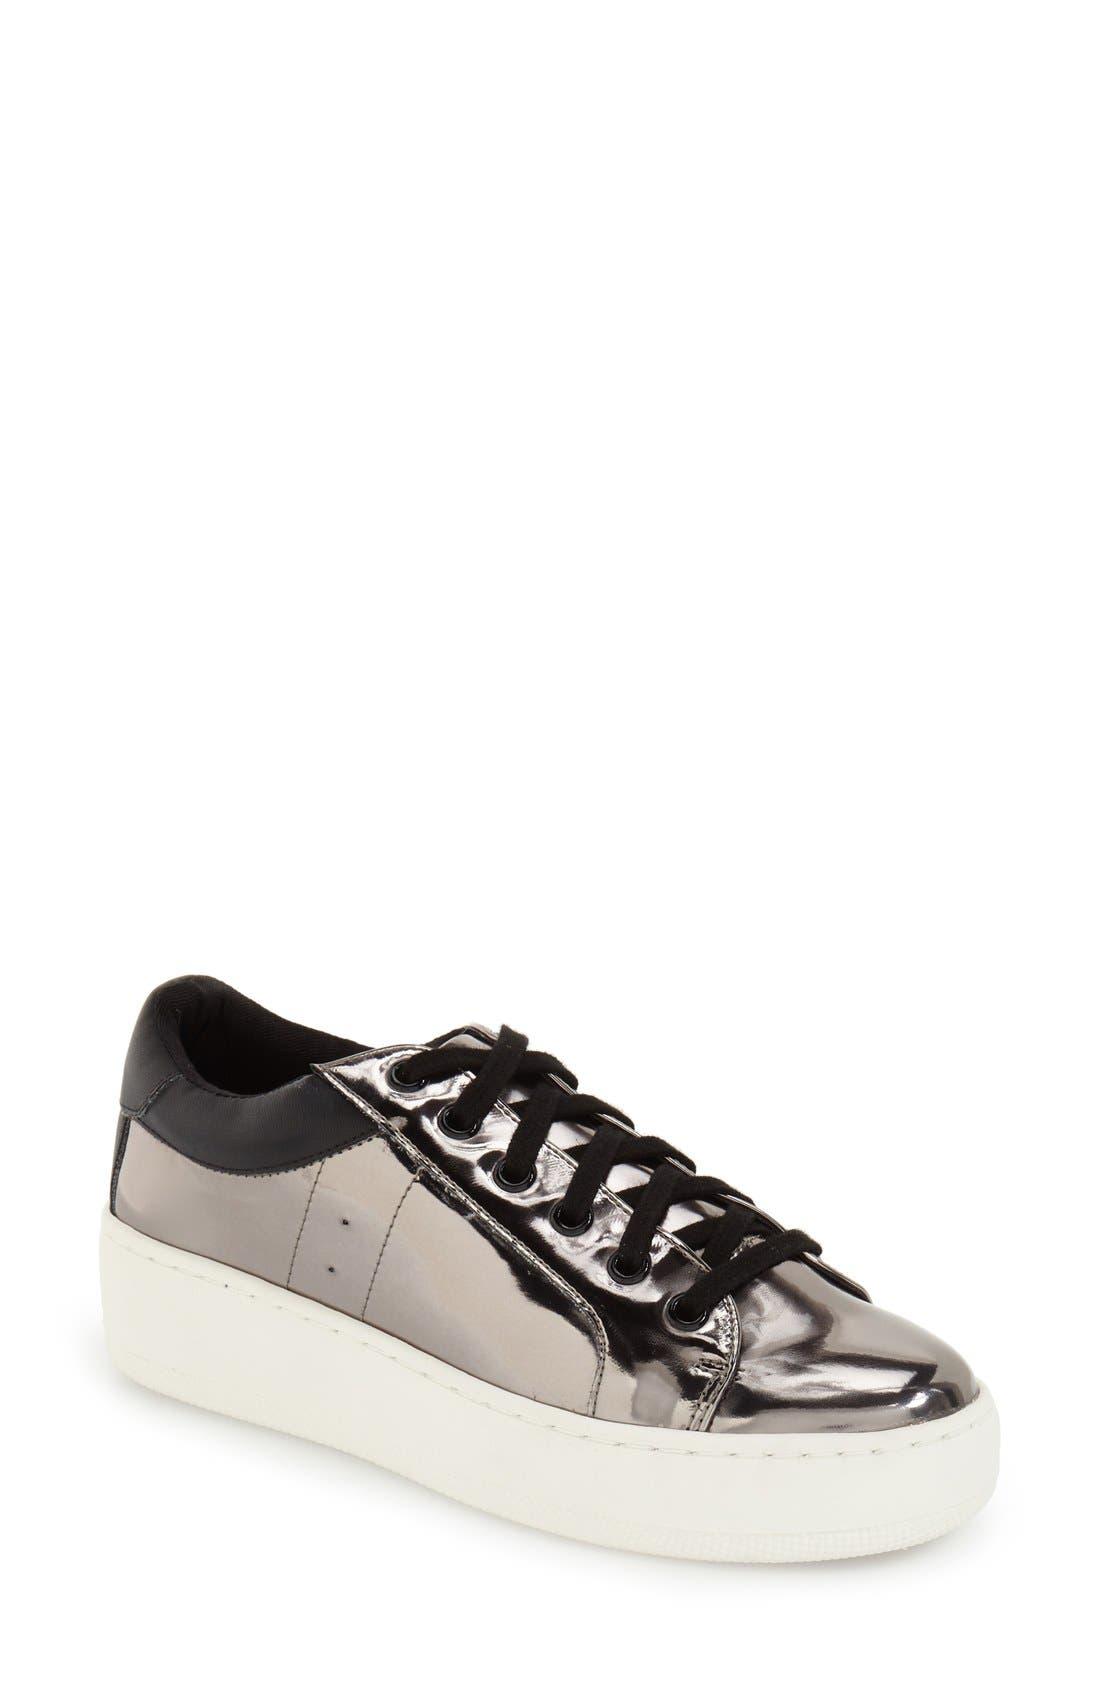 STEVE MADDEN Bertie Metallic Platform Sneaker